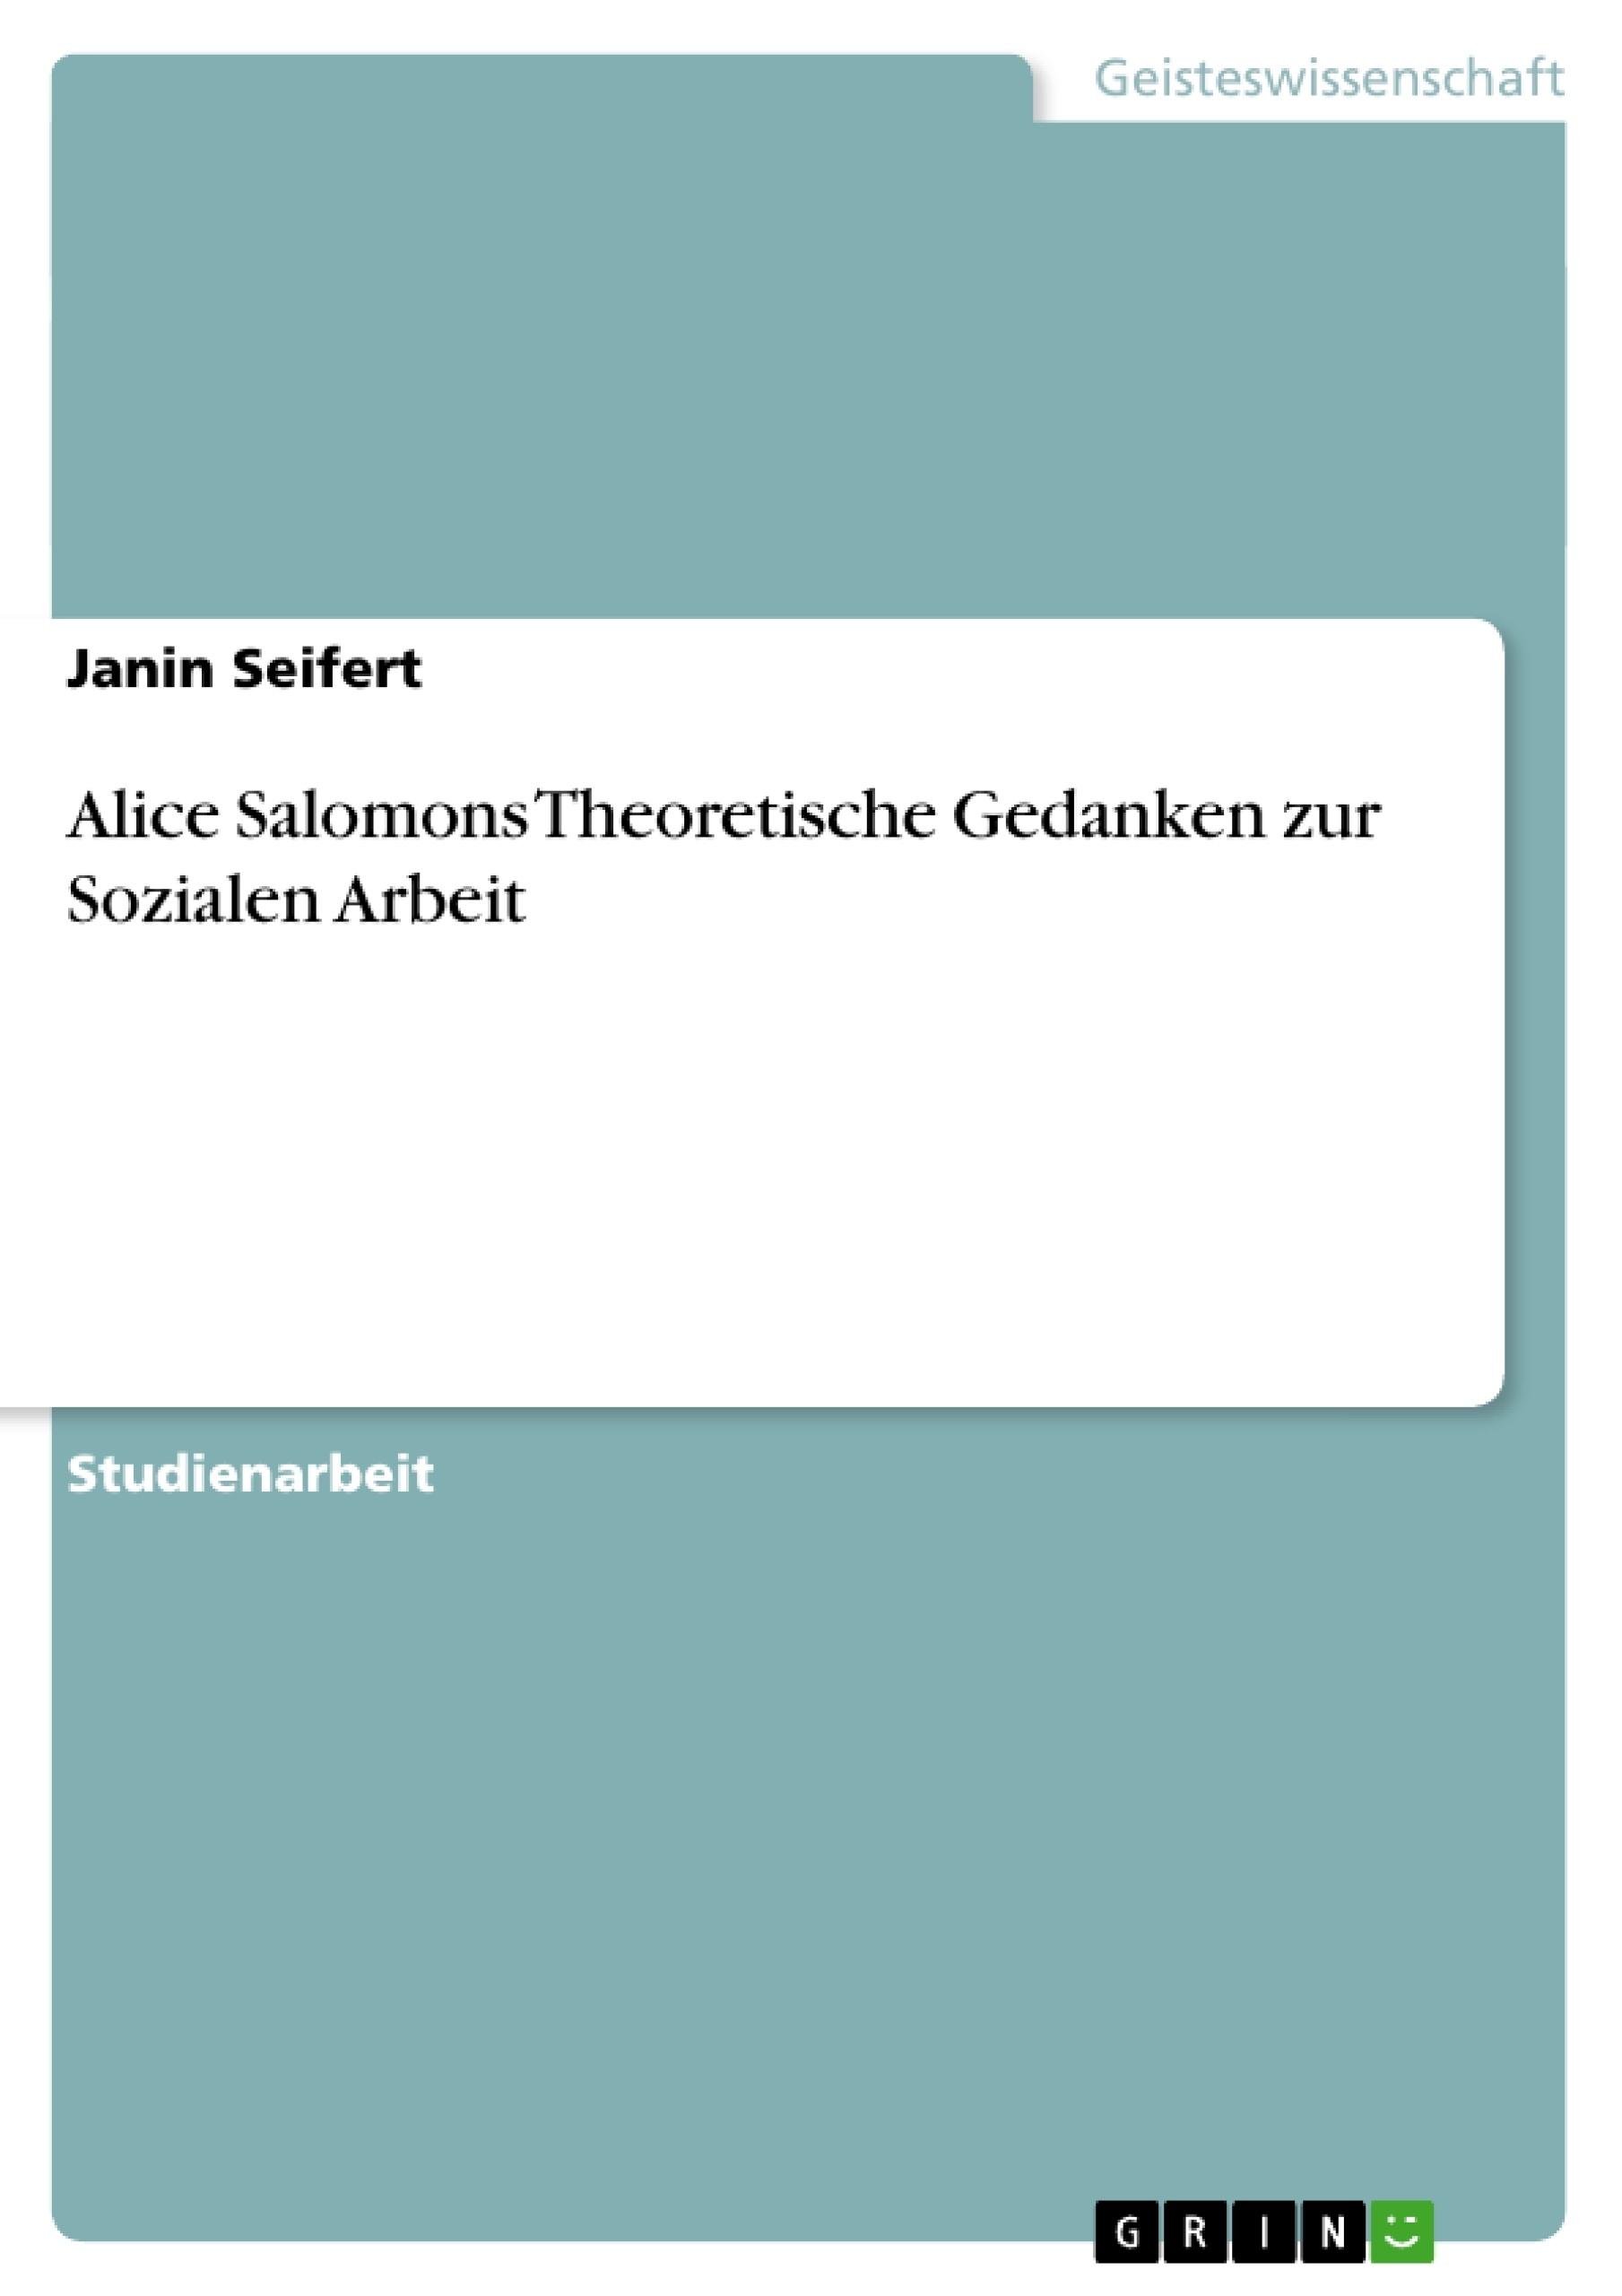 Titel: Alice Salomons Theoretische Gedanken zur Sozialen Arbeit